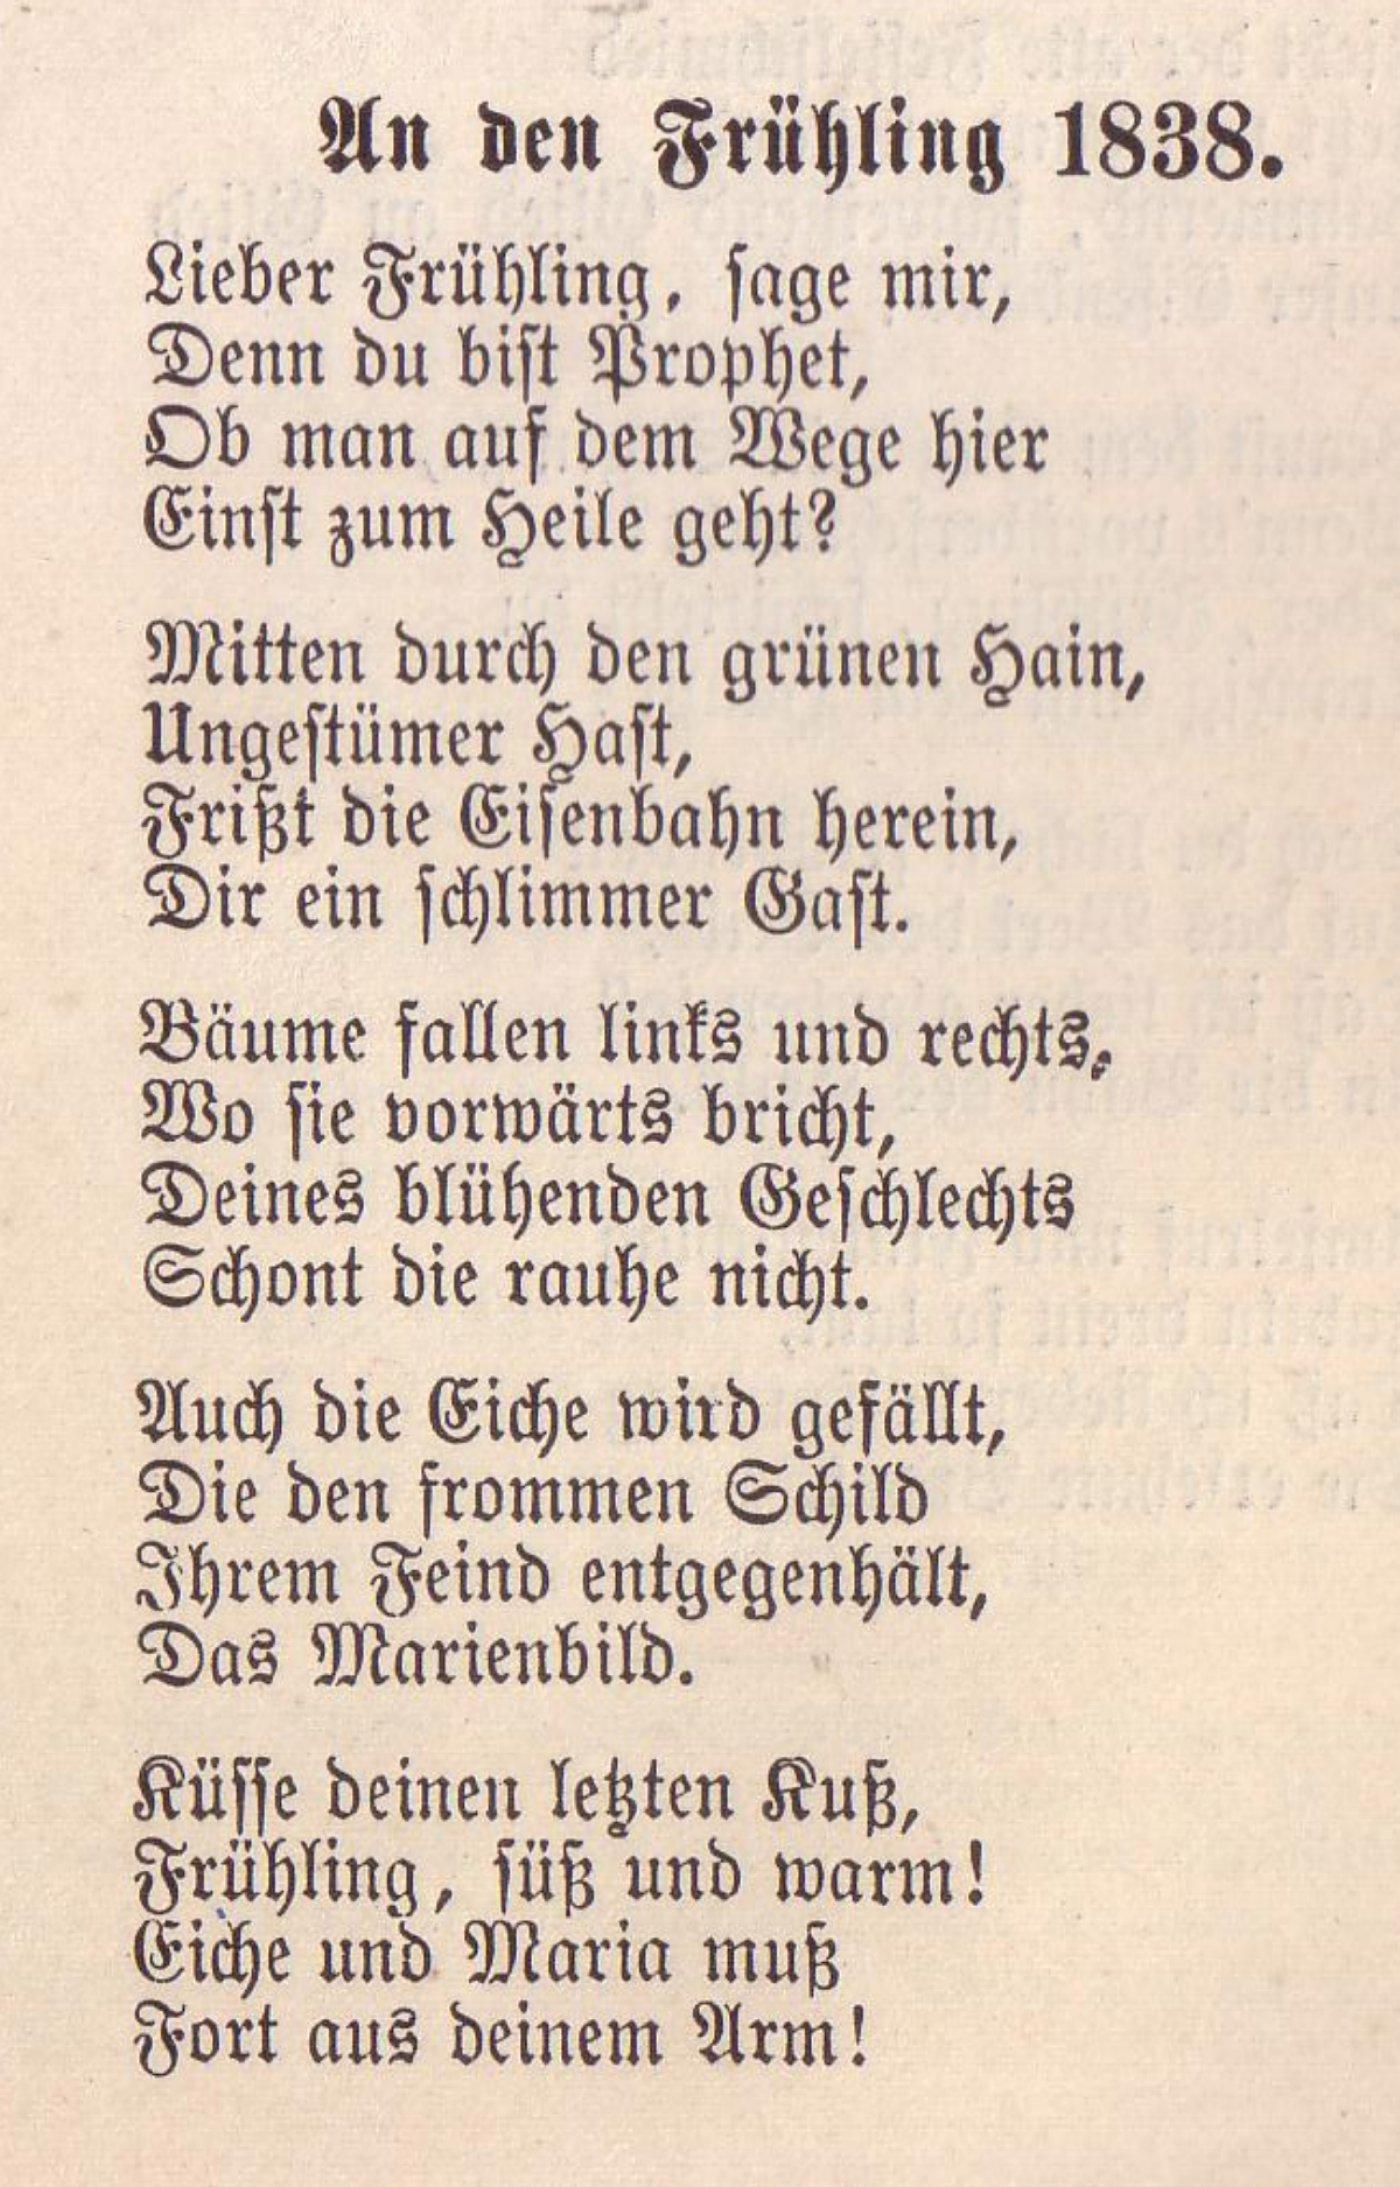 Ein Gedicht von Lenau, in Fraktur